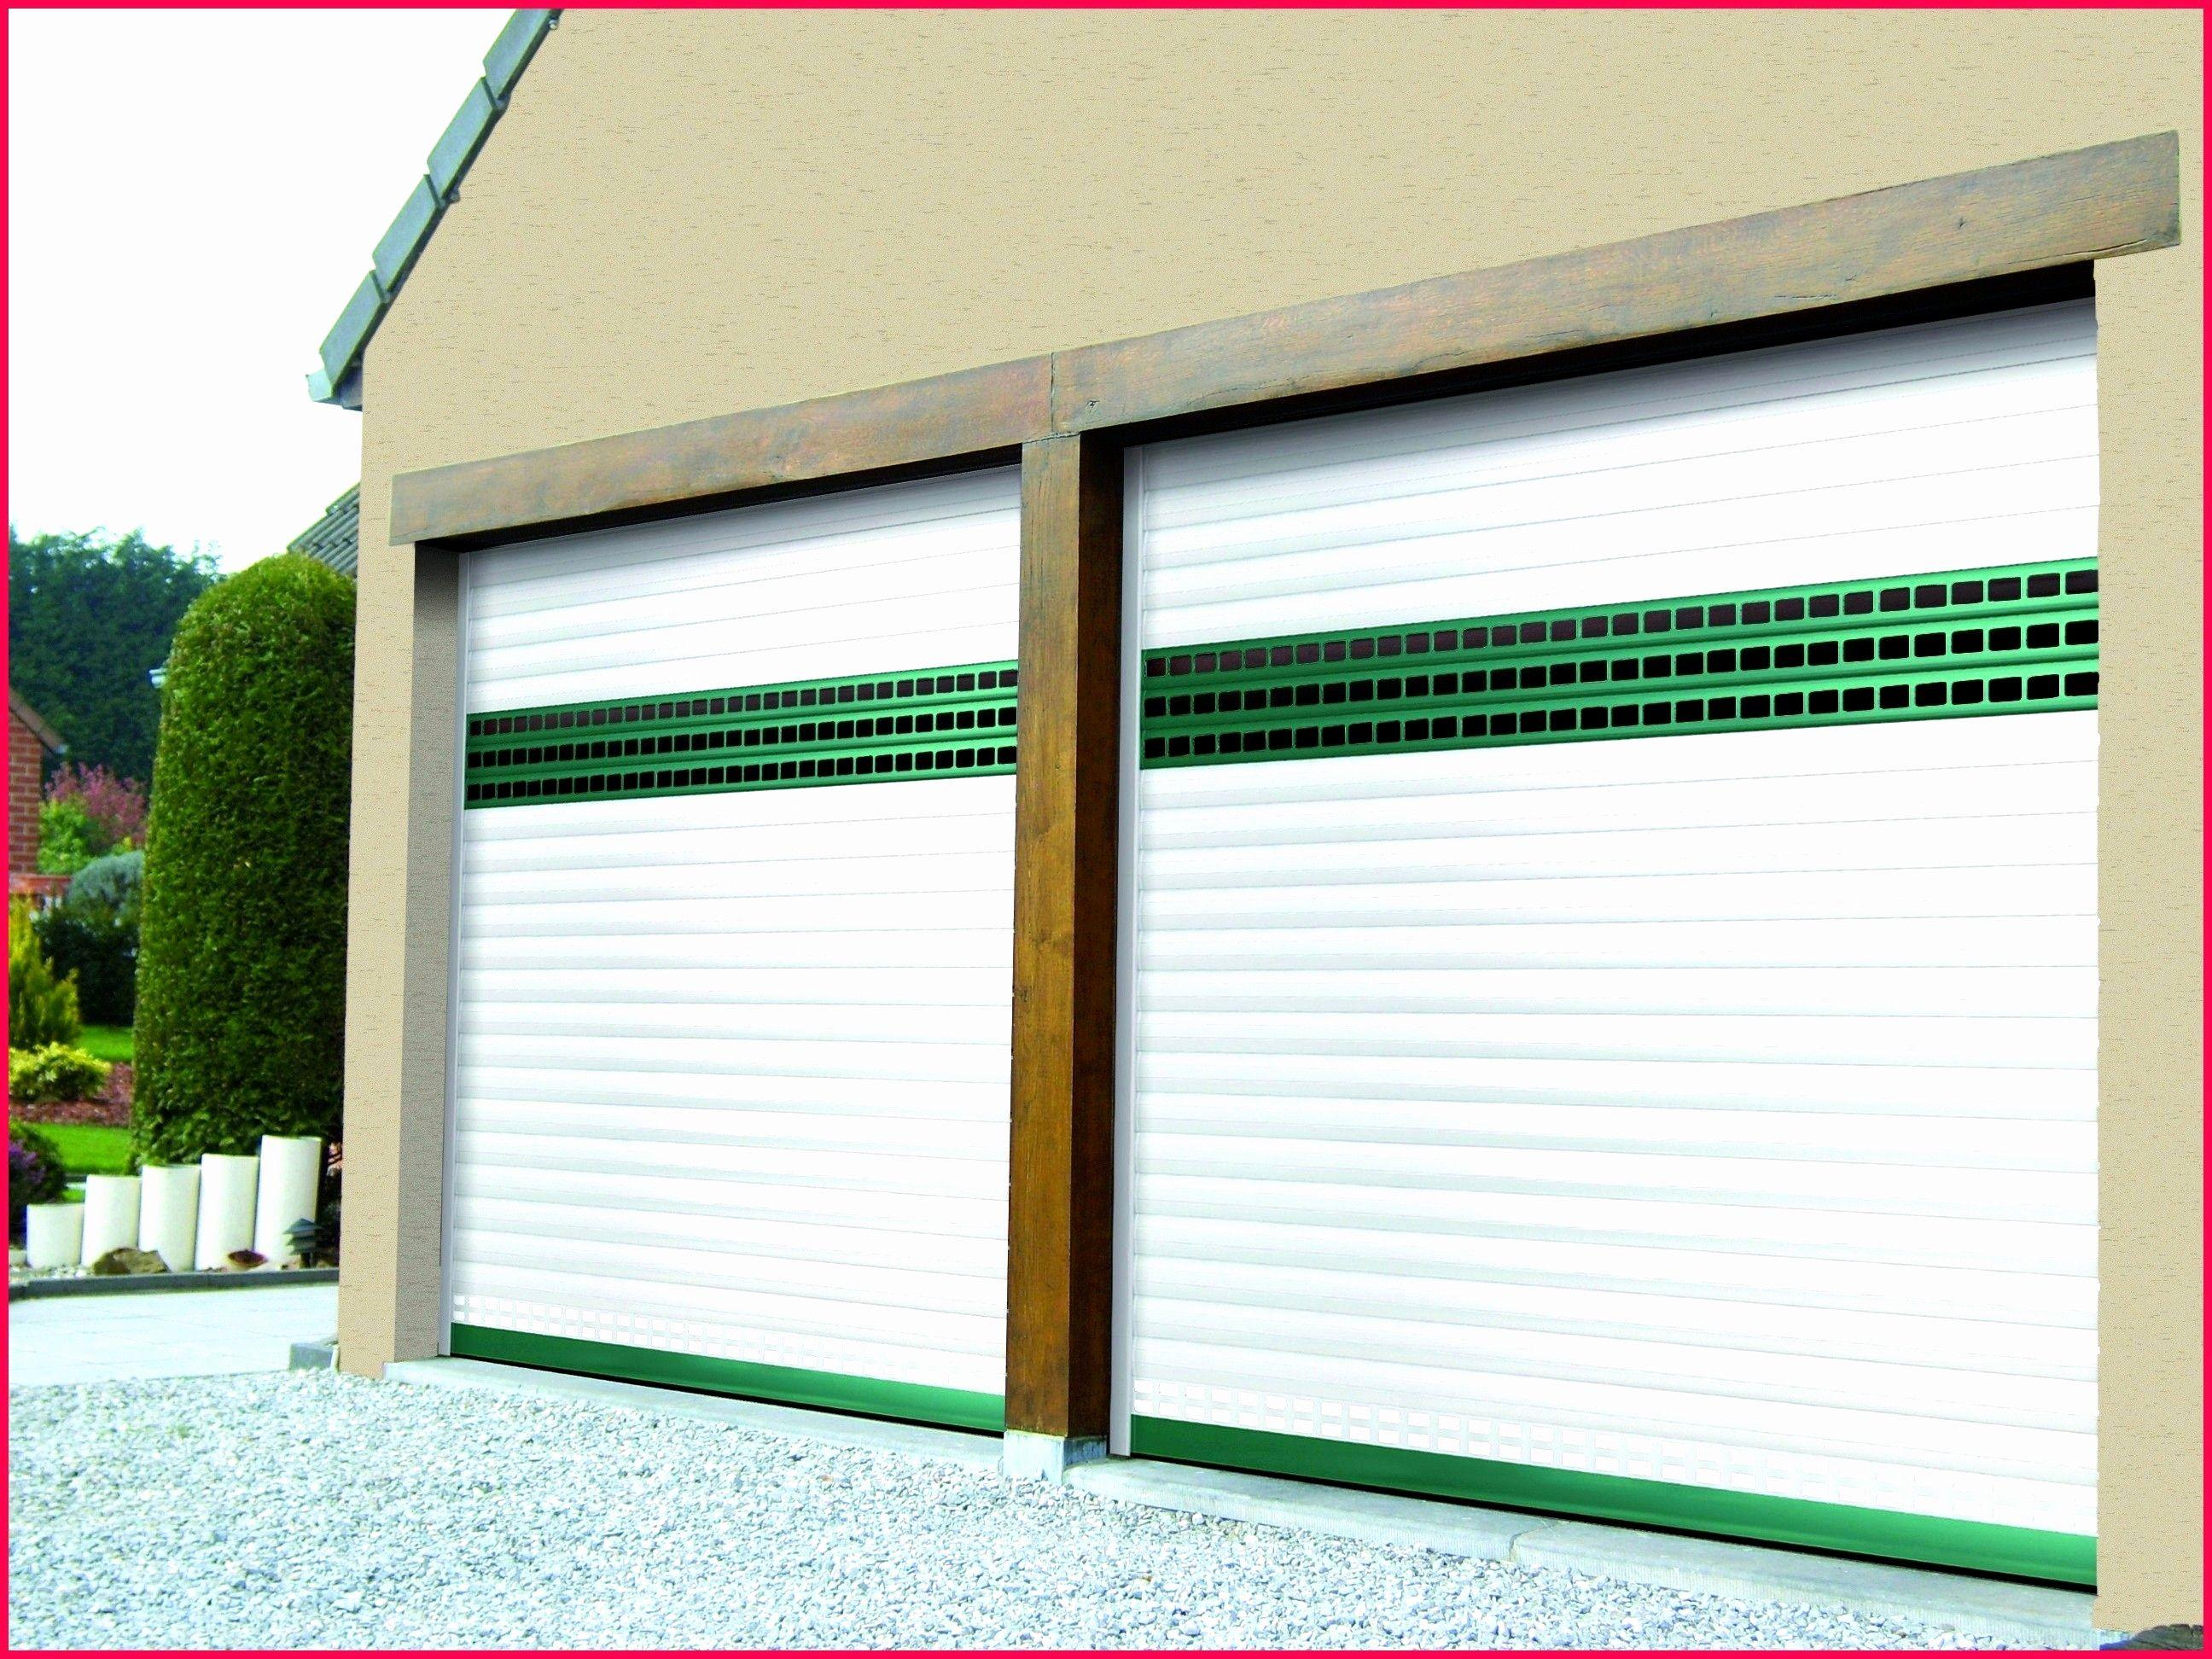 Inspirational Porte De Garage Sur Mesure Castorama Porte Garage Castorama